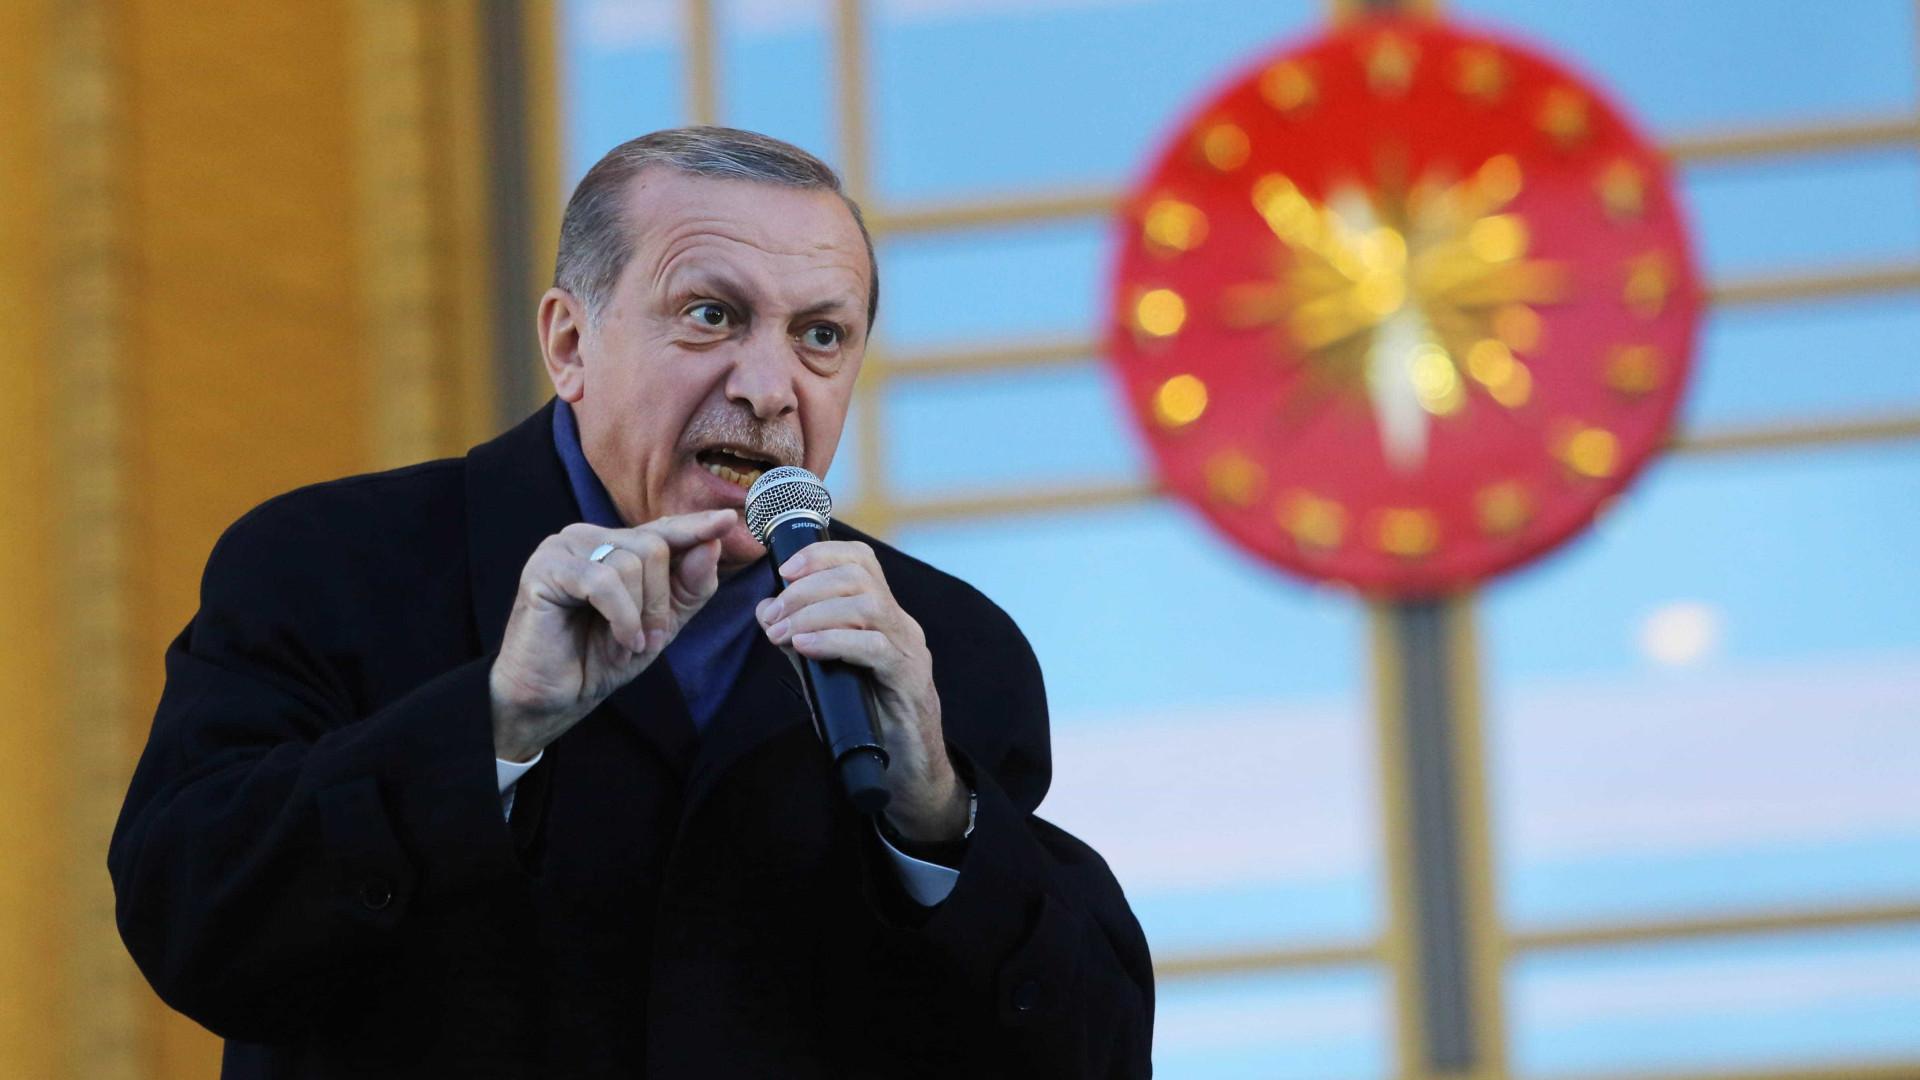 Jerusalém: Turquia organiza cimeira com líderes muçulmanos no dia 13